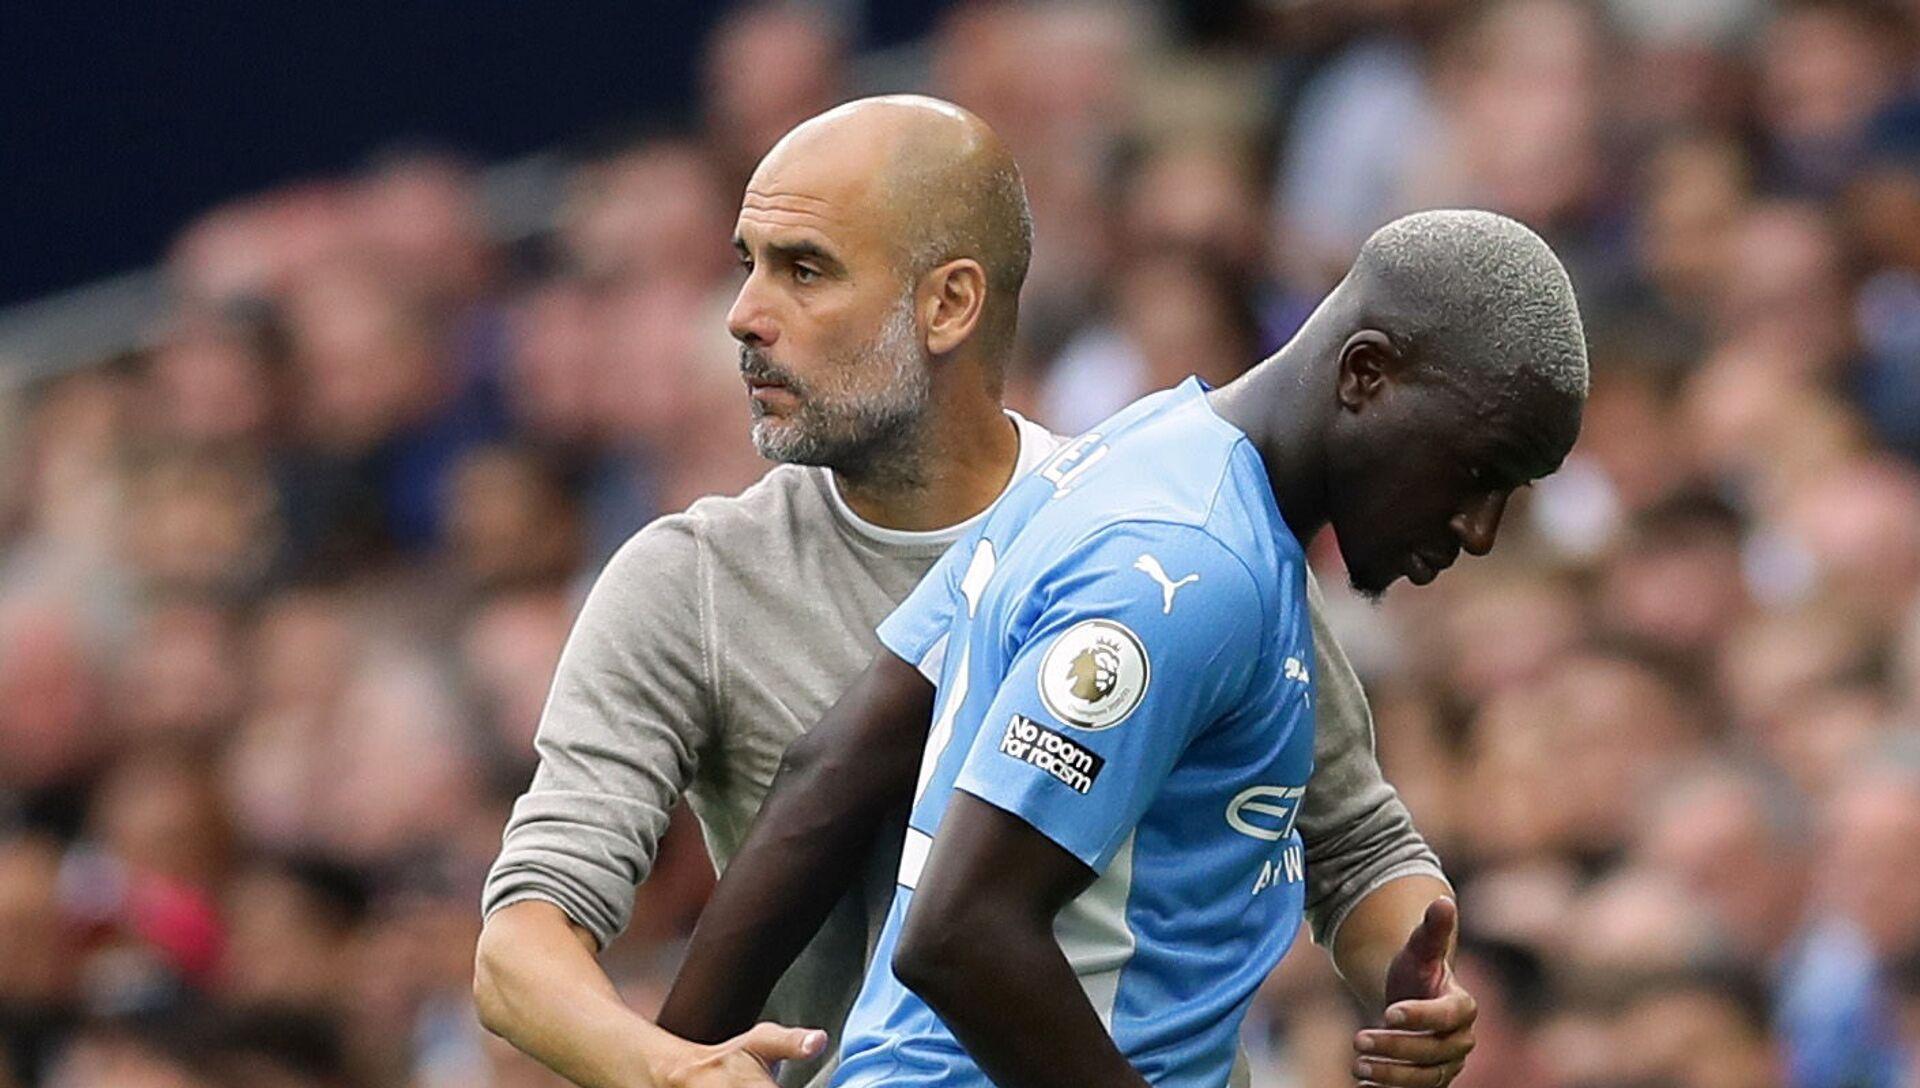 Cầu thủ Benjamin Mendy và HLV trưởng của Manchester City Pep Guardiola - Sputnik Việt Nam, 1920, 29.08.2021